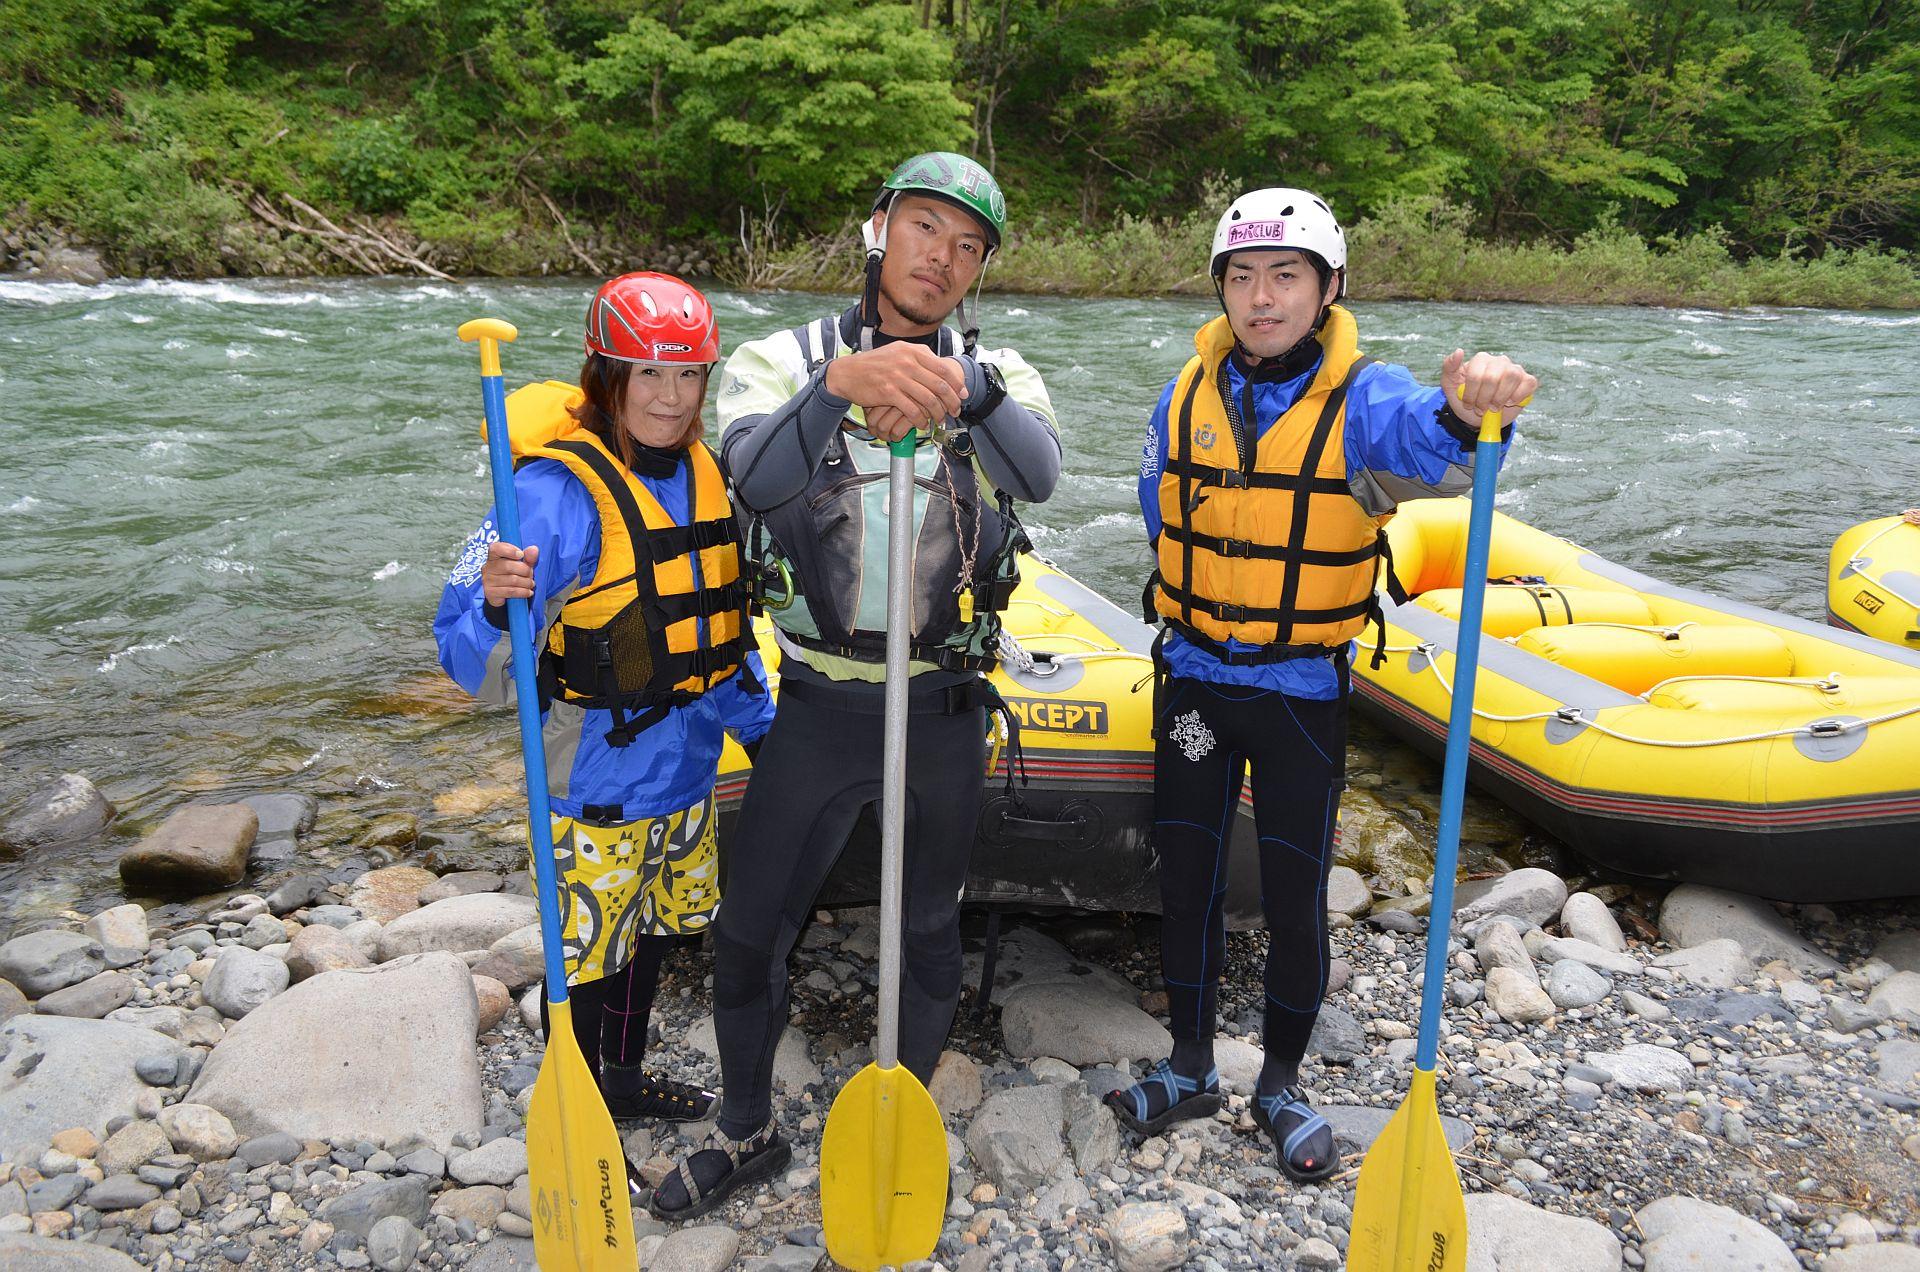 月曜から川遊び!5月18日(月)カッパCLUBツアー